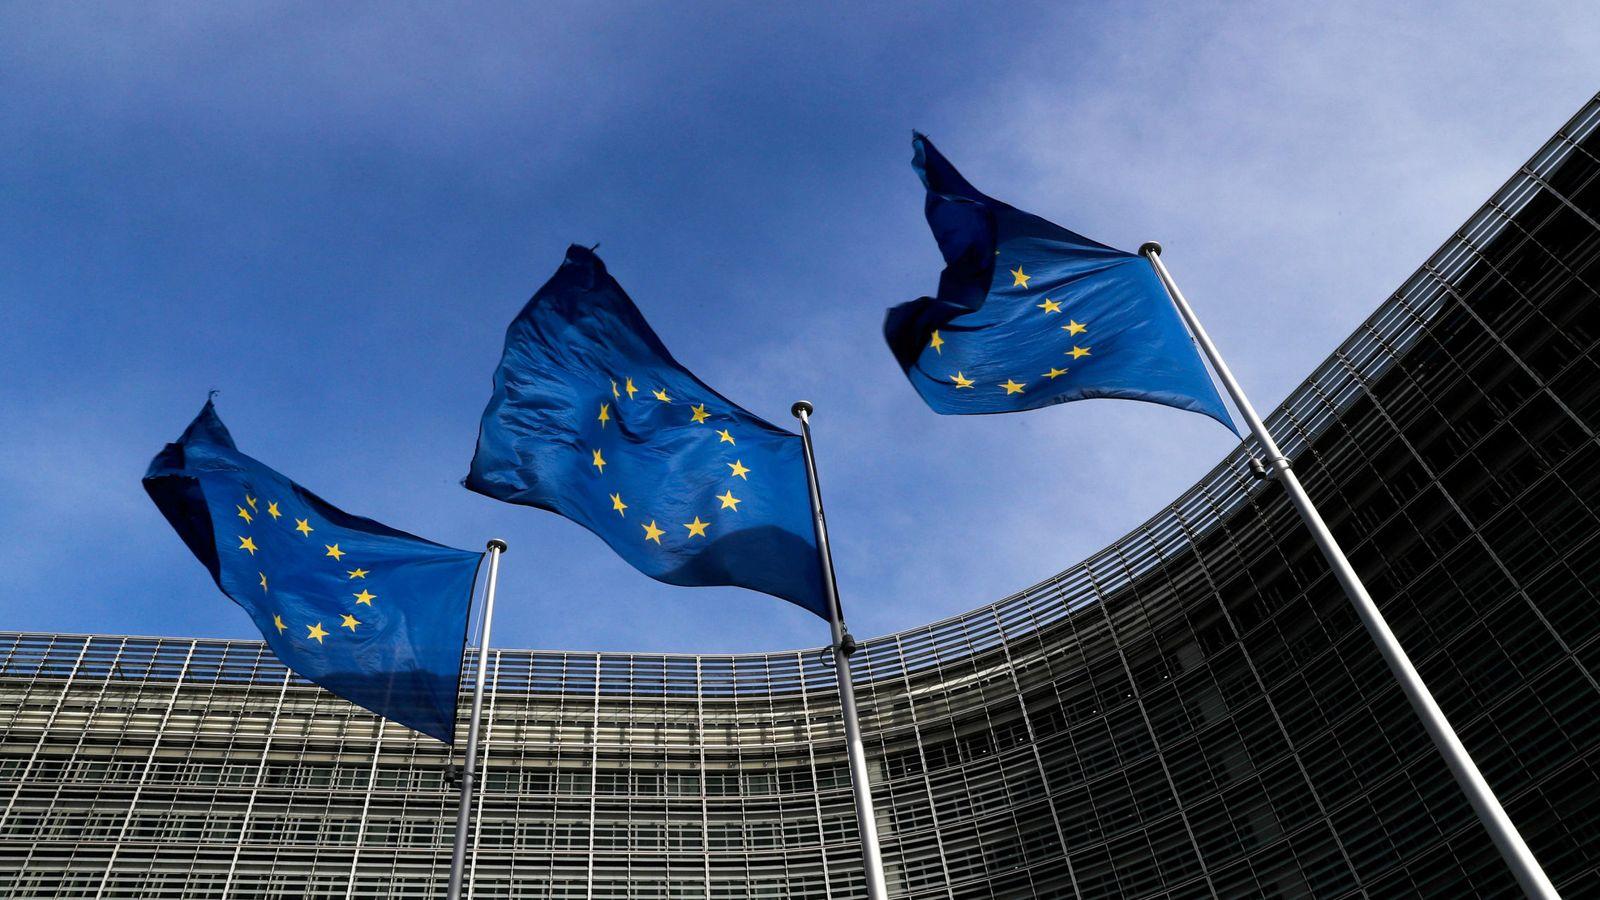 Foto: Banderas de la Unión Europea. (Reuters)